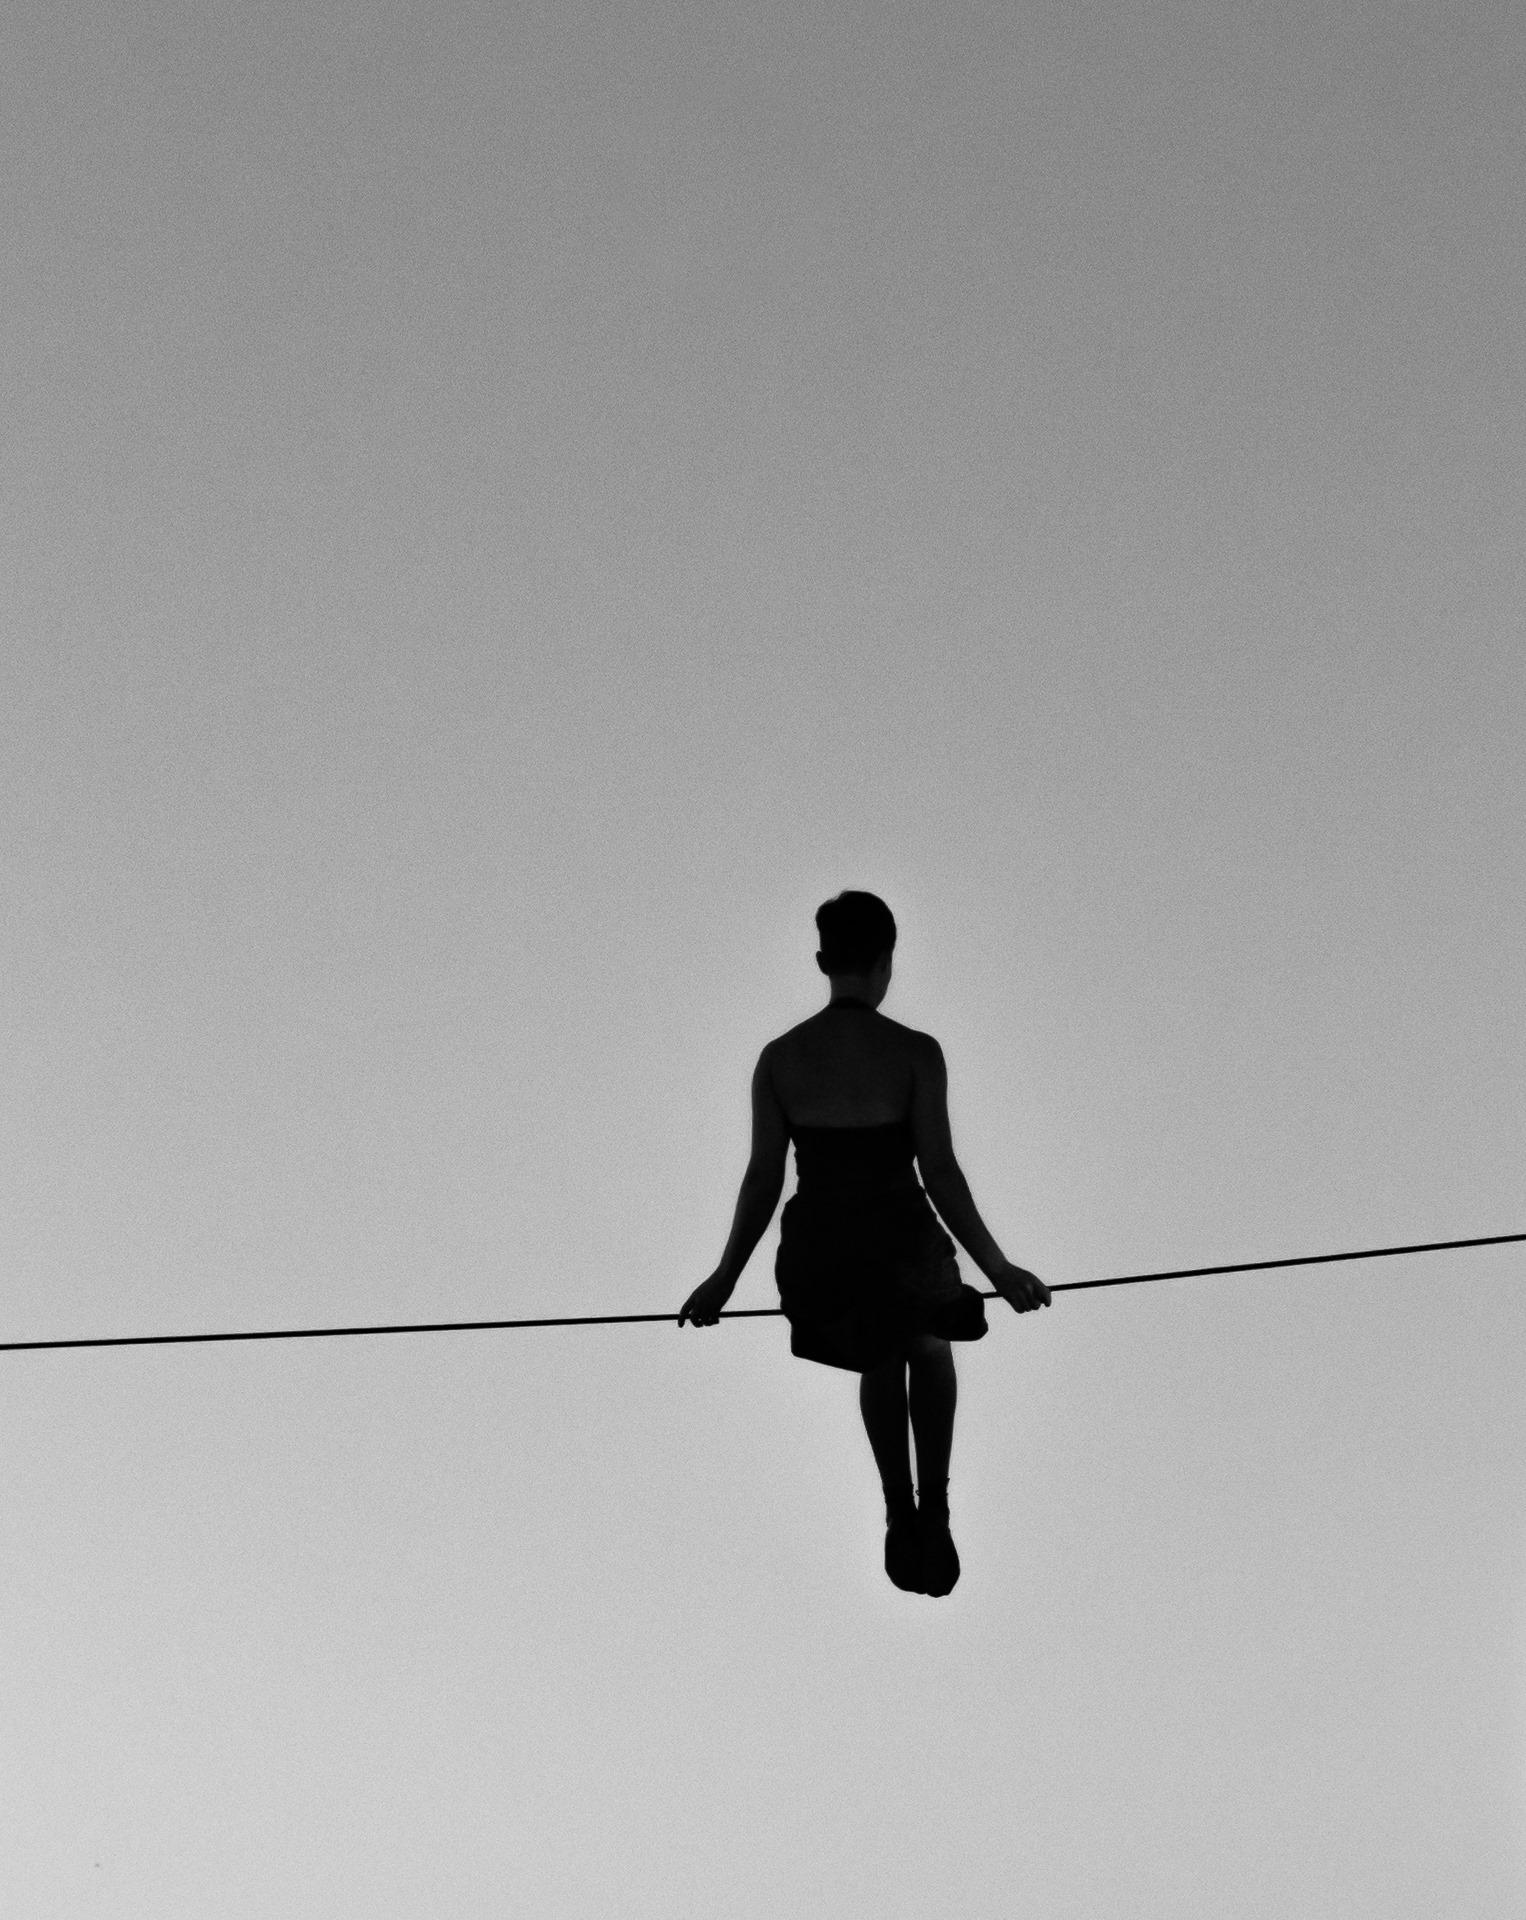 Sur le fil, Alexandra Chollet, Atelier Focale 16, exposition photo à l'incontournable